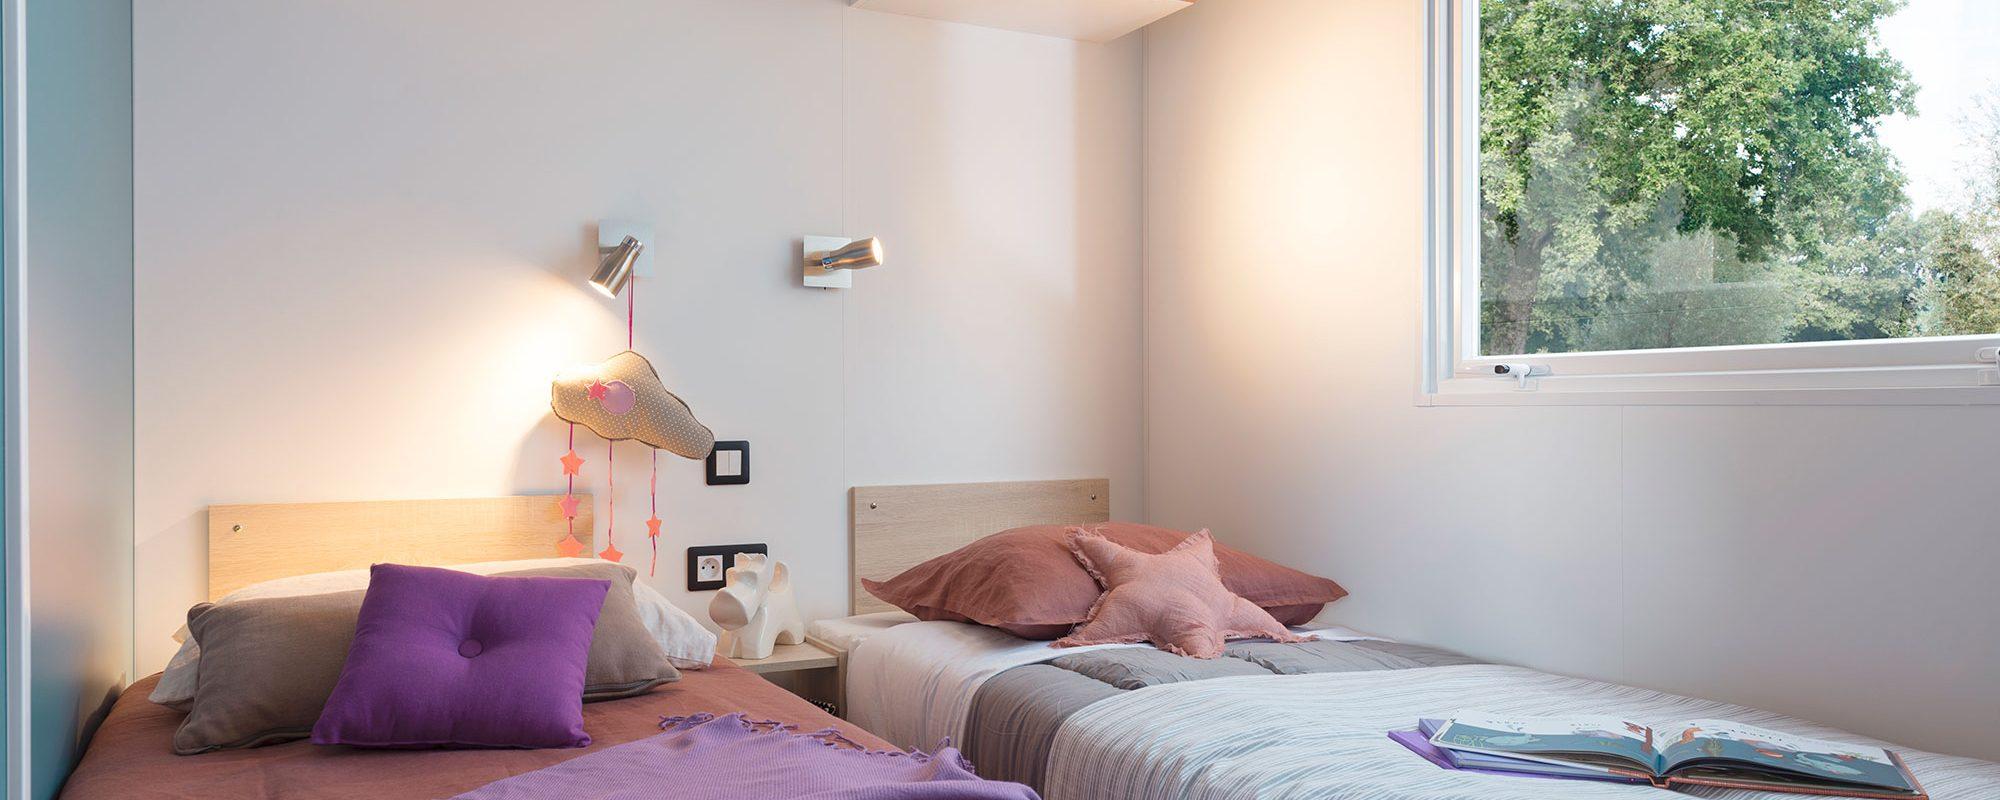 Location de mobilhome 2 chambres Loire Atlantique : chambre